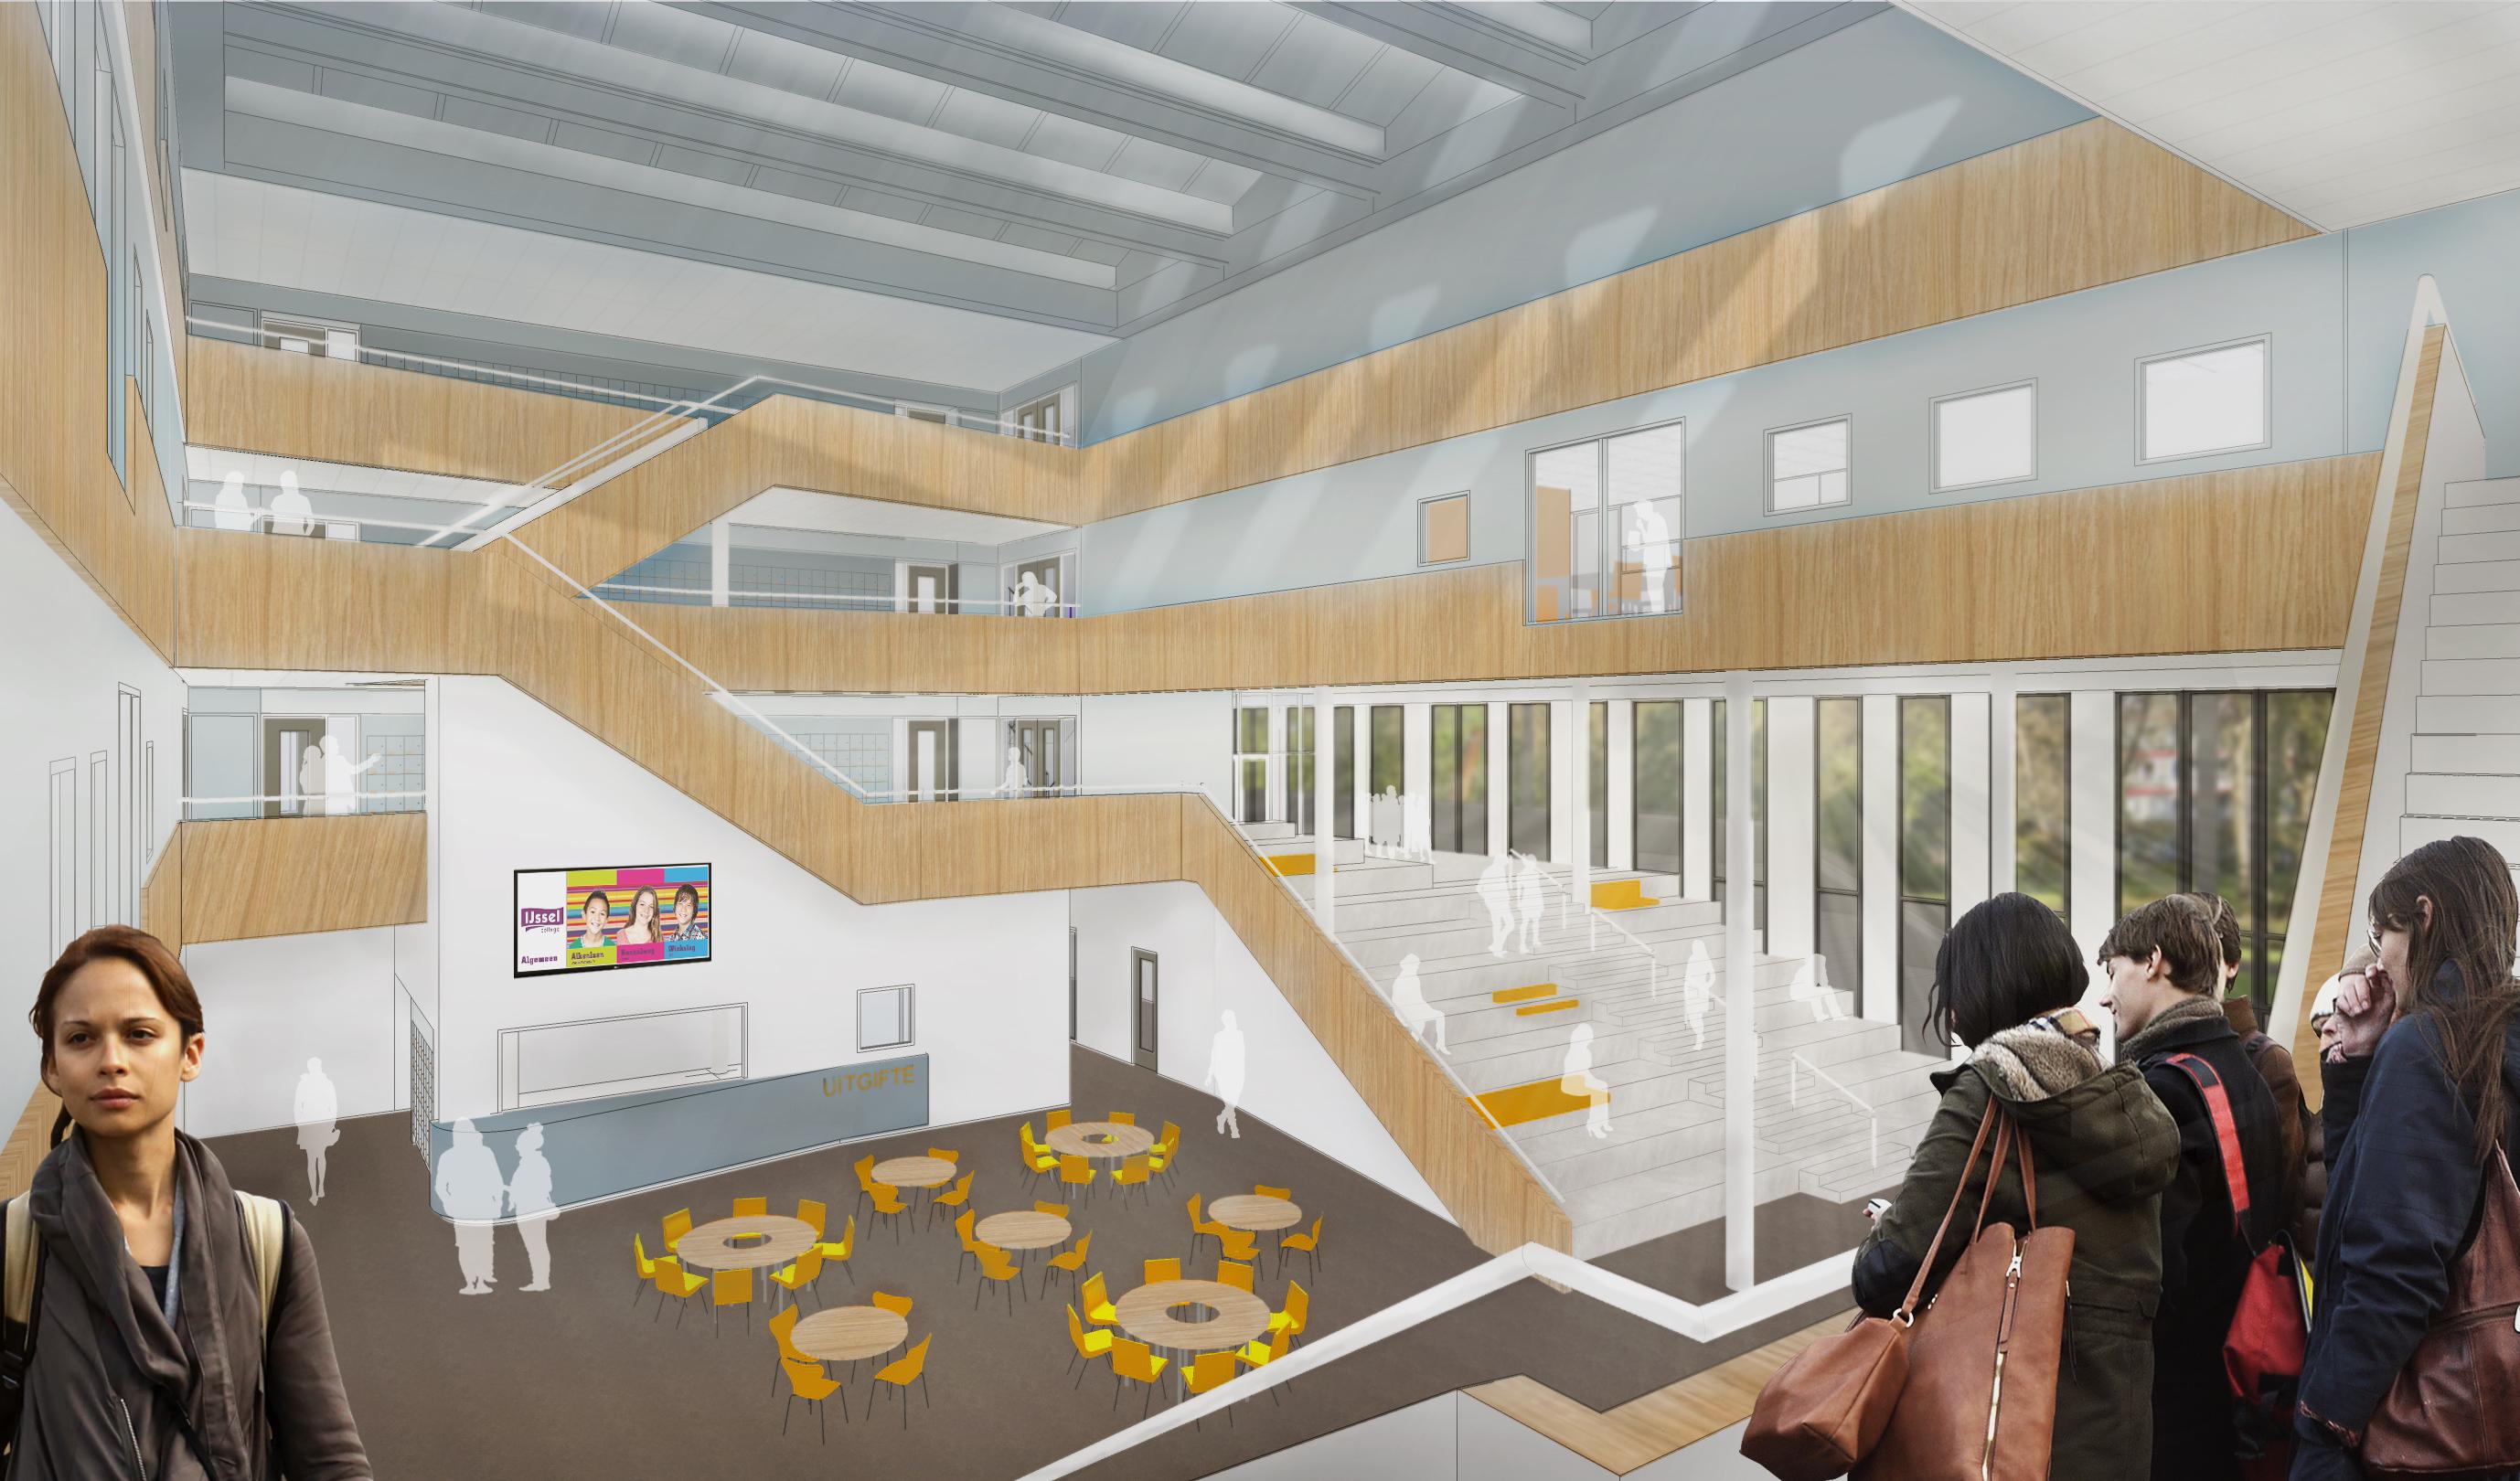 Atrium College RoosRosArchitecten